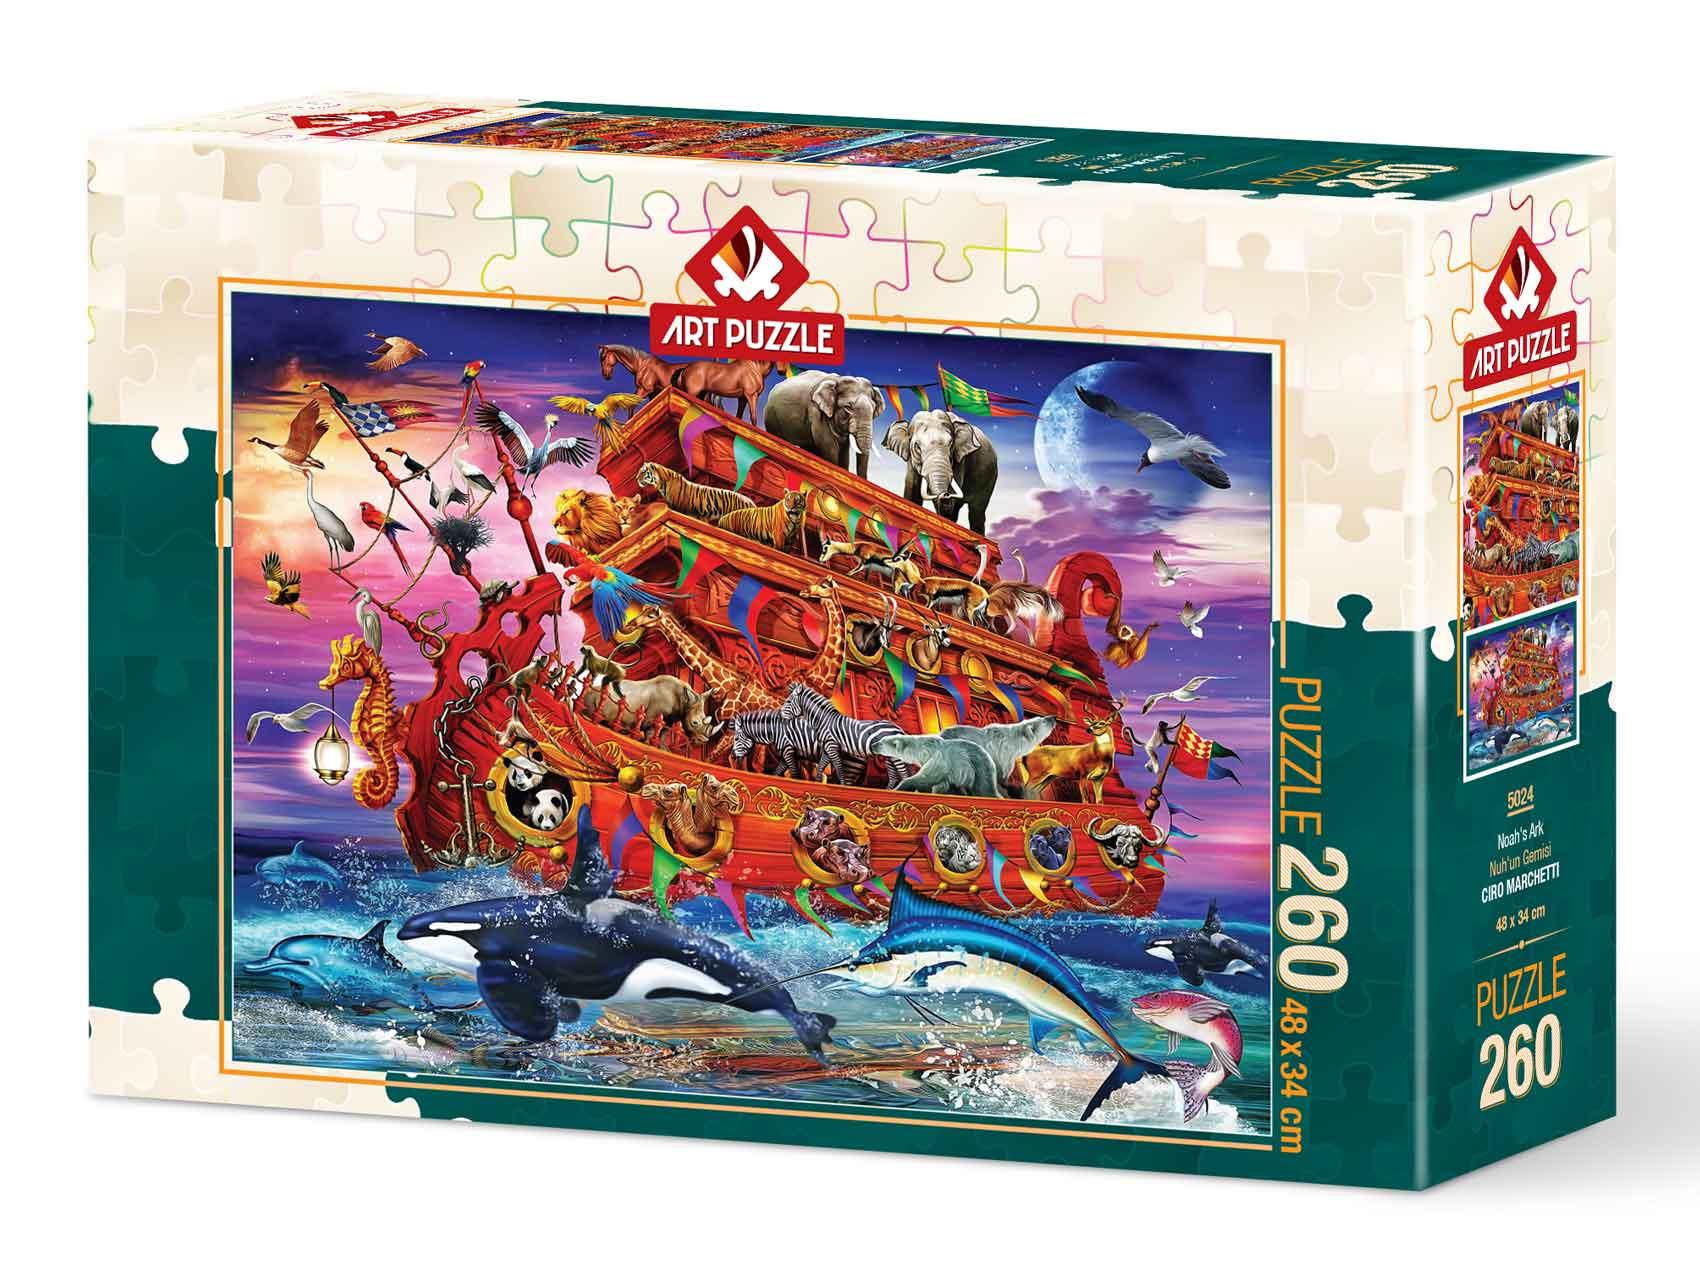 Puzzle Art Puzzle Arca de Noé de 260 Piezas